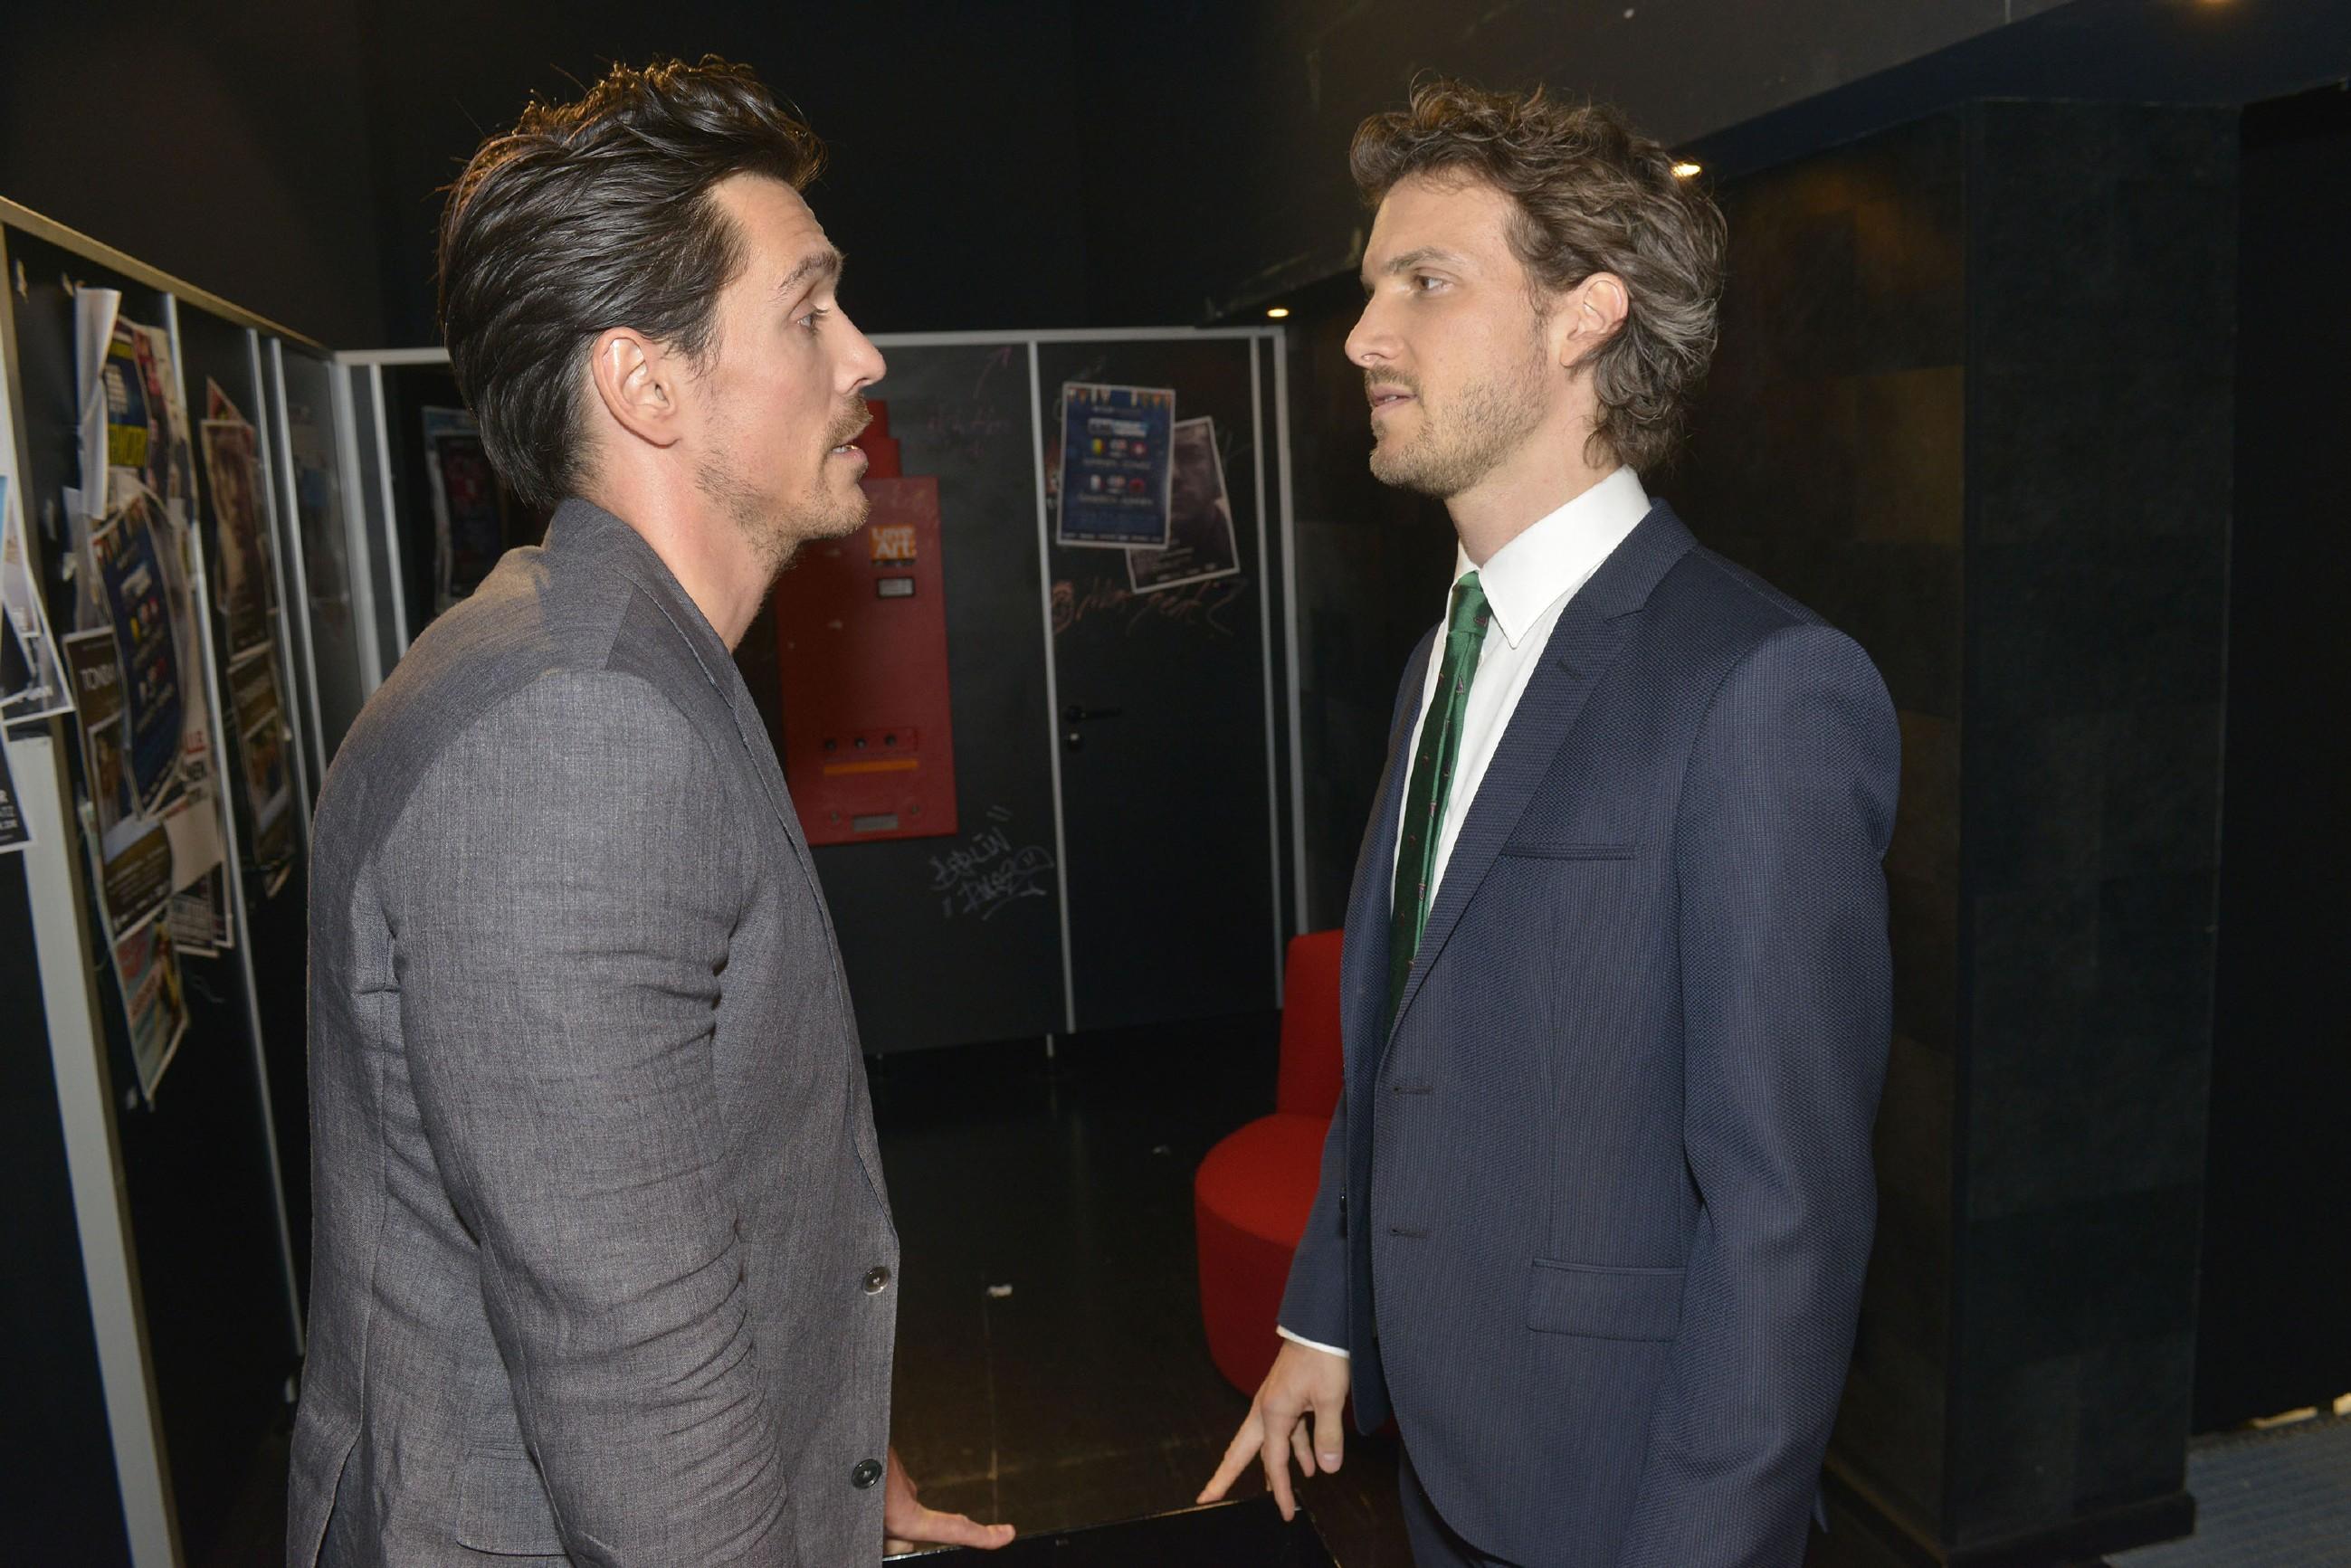 Felix (Thaddäus Meilinger, r.) bereut es, dass er sich auf David (Philipp CHristopher) eingelassen hat. (Quelle: RTL / Rolf Baumgartner)